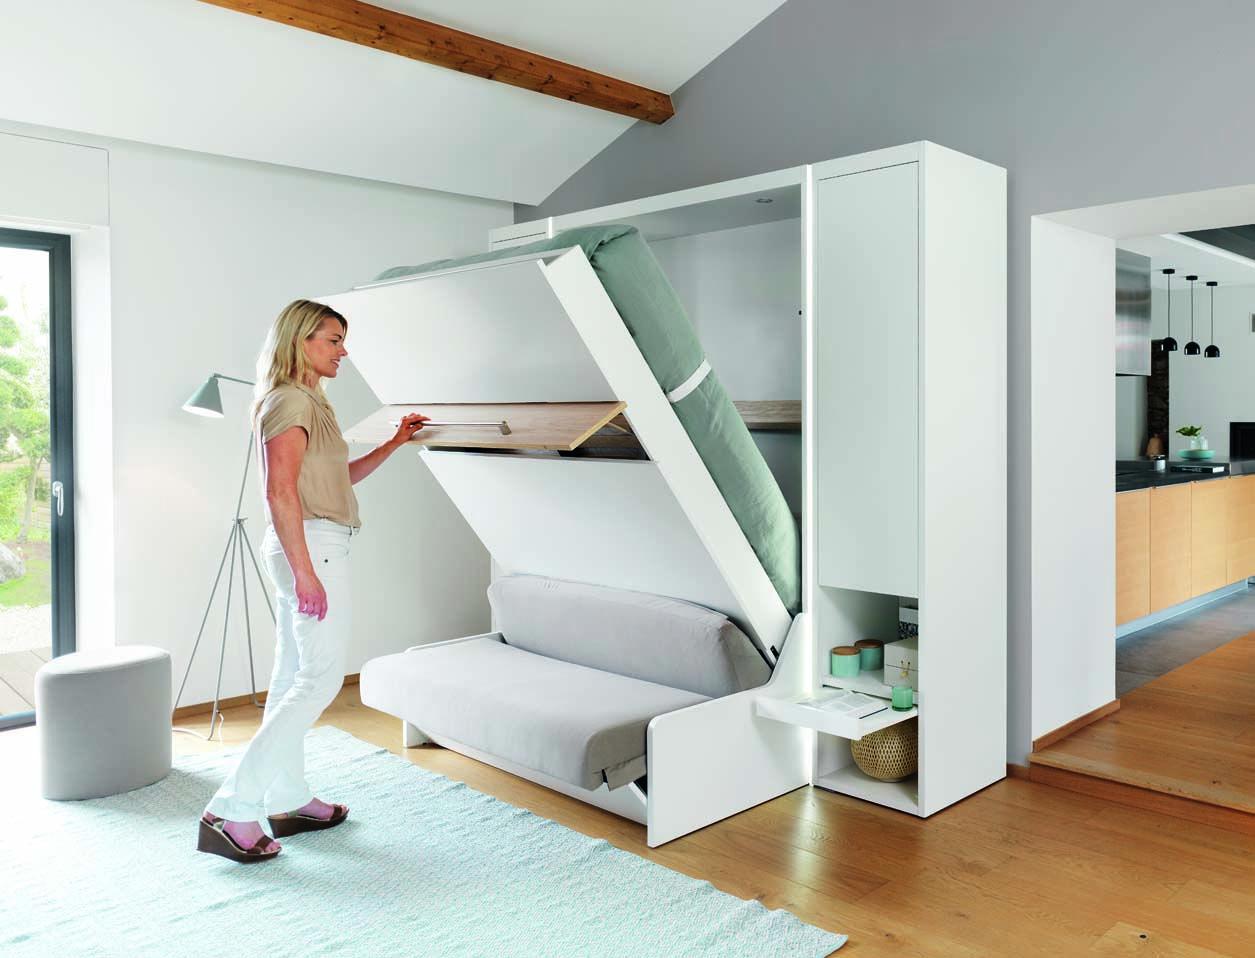 La Chambre Meubles Kranklader Lit Escamotable Mur Lit Mobilier De Salon